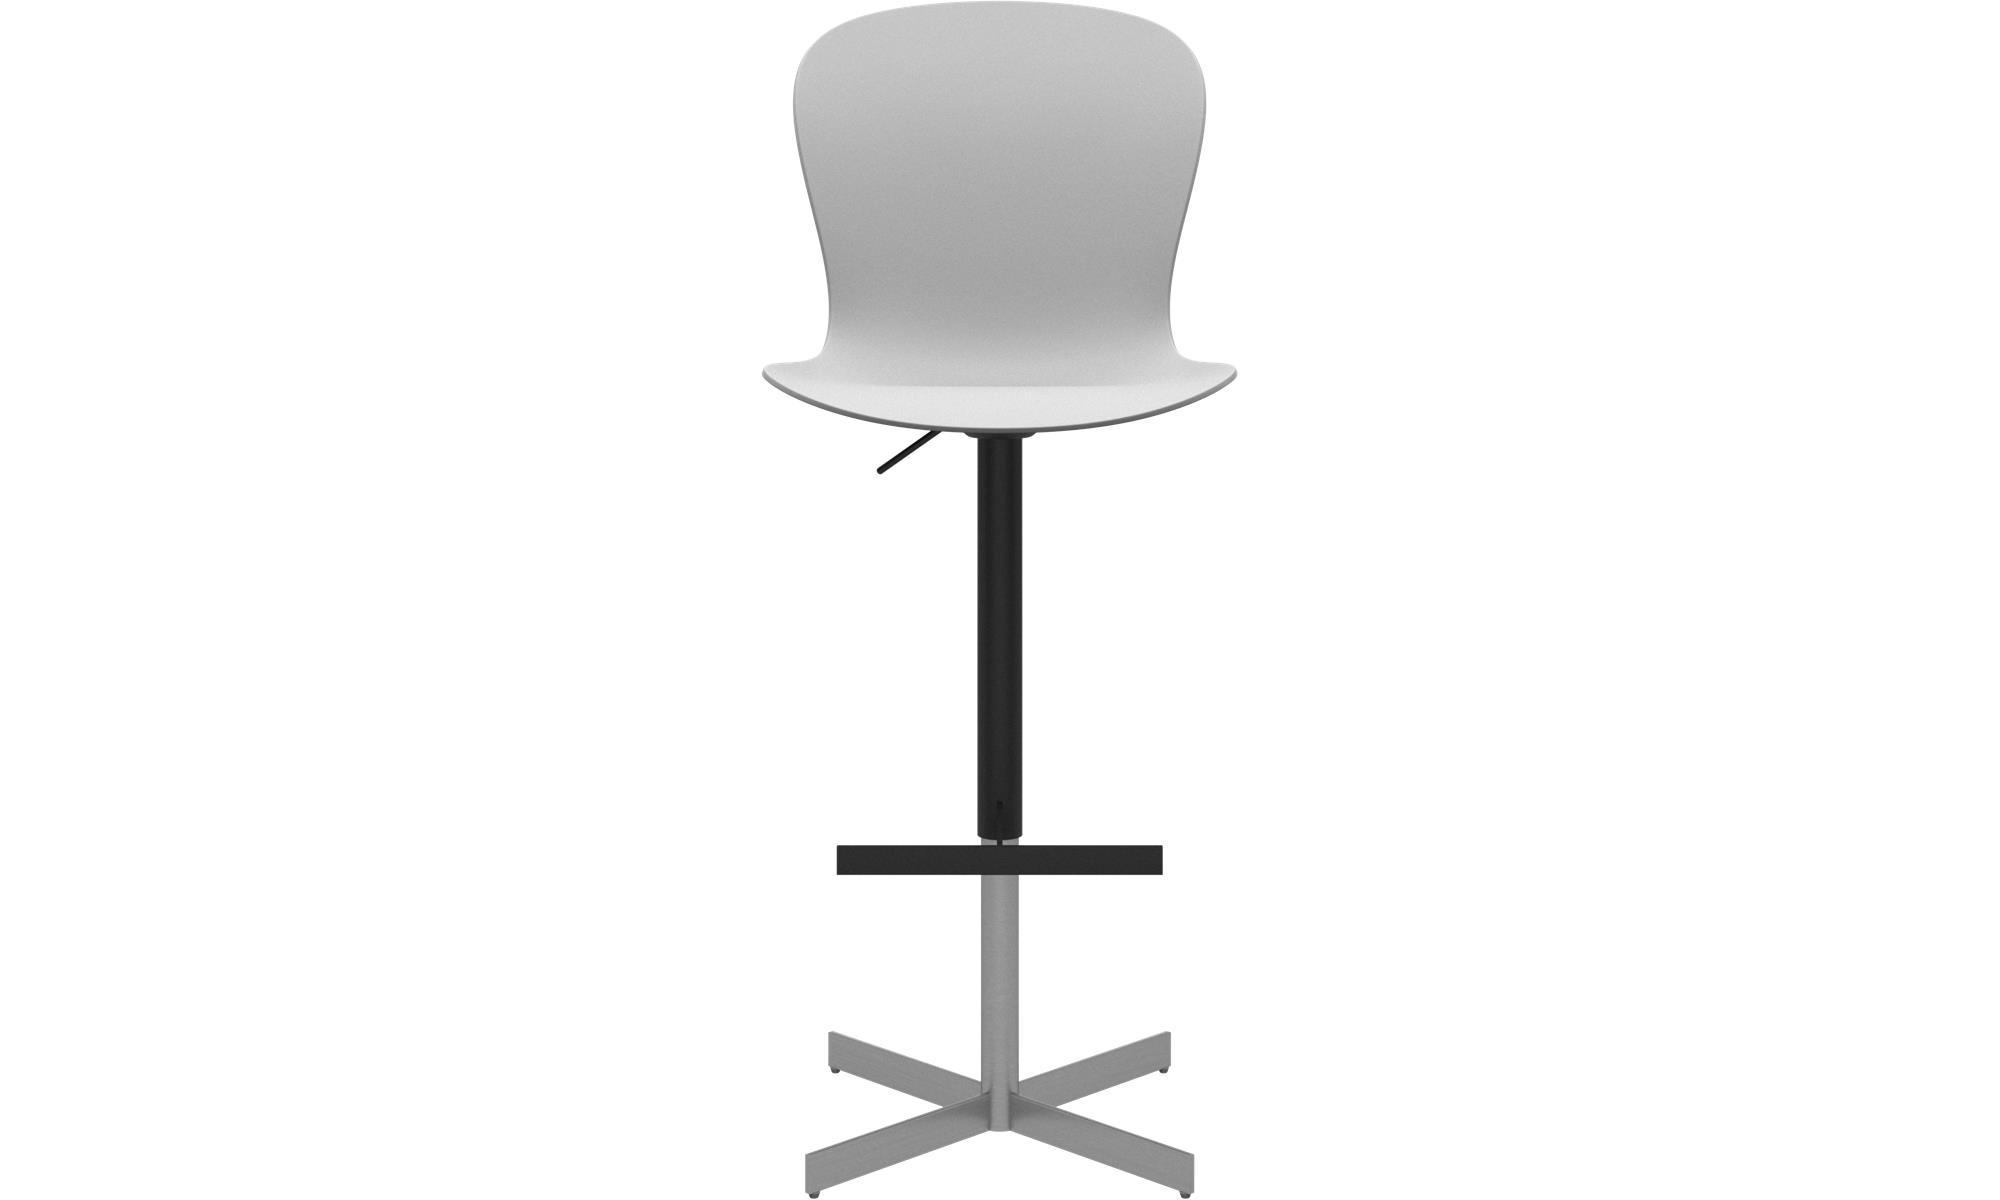 Tabourets de bar - chaise de bar ajustable Adelaide - BoConcept on